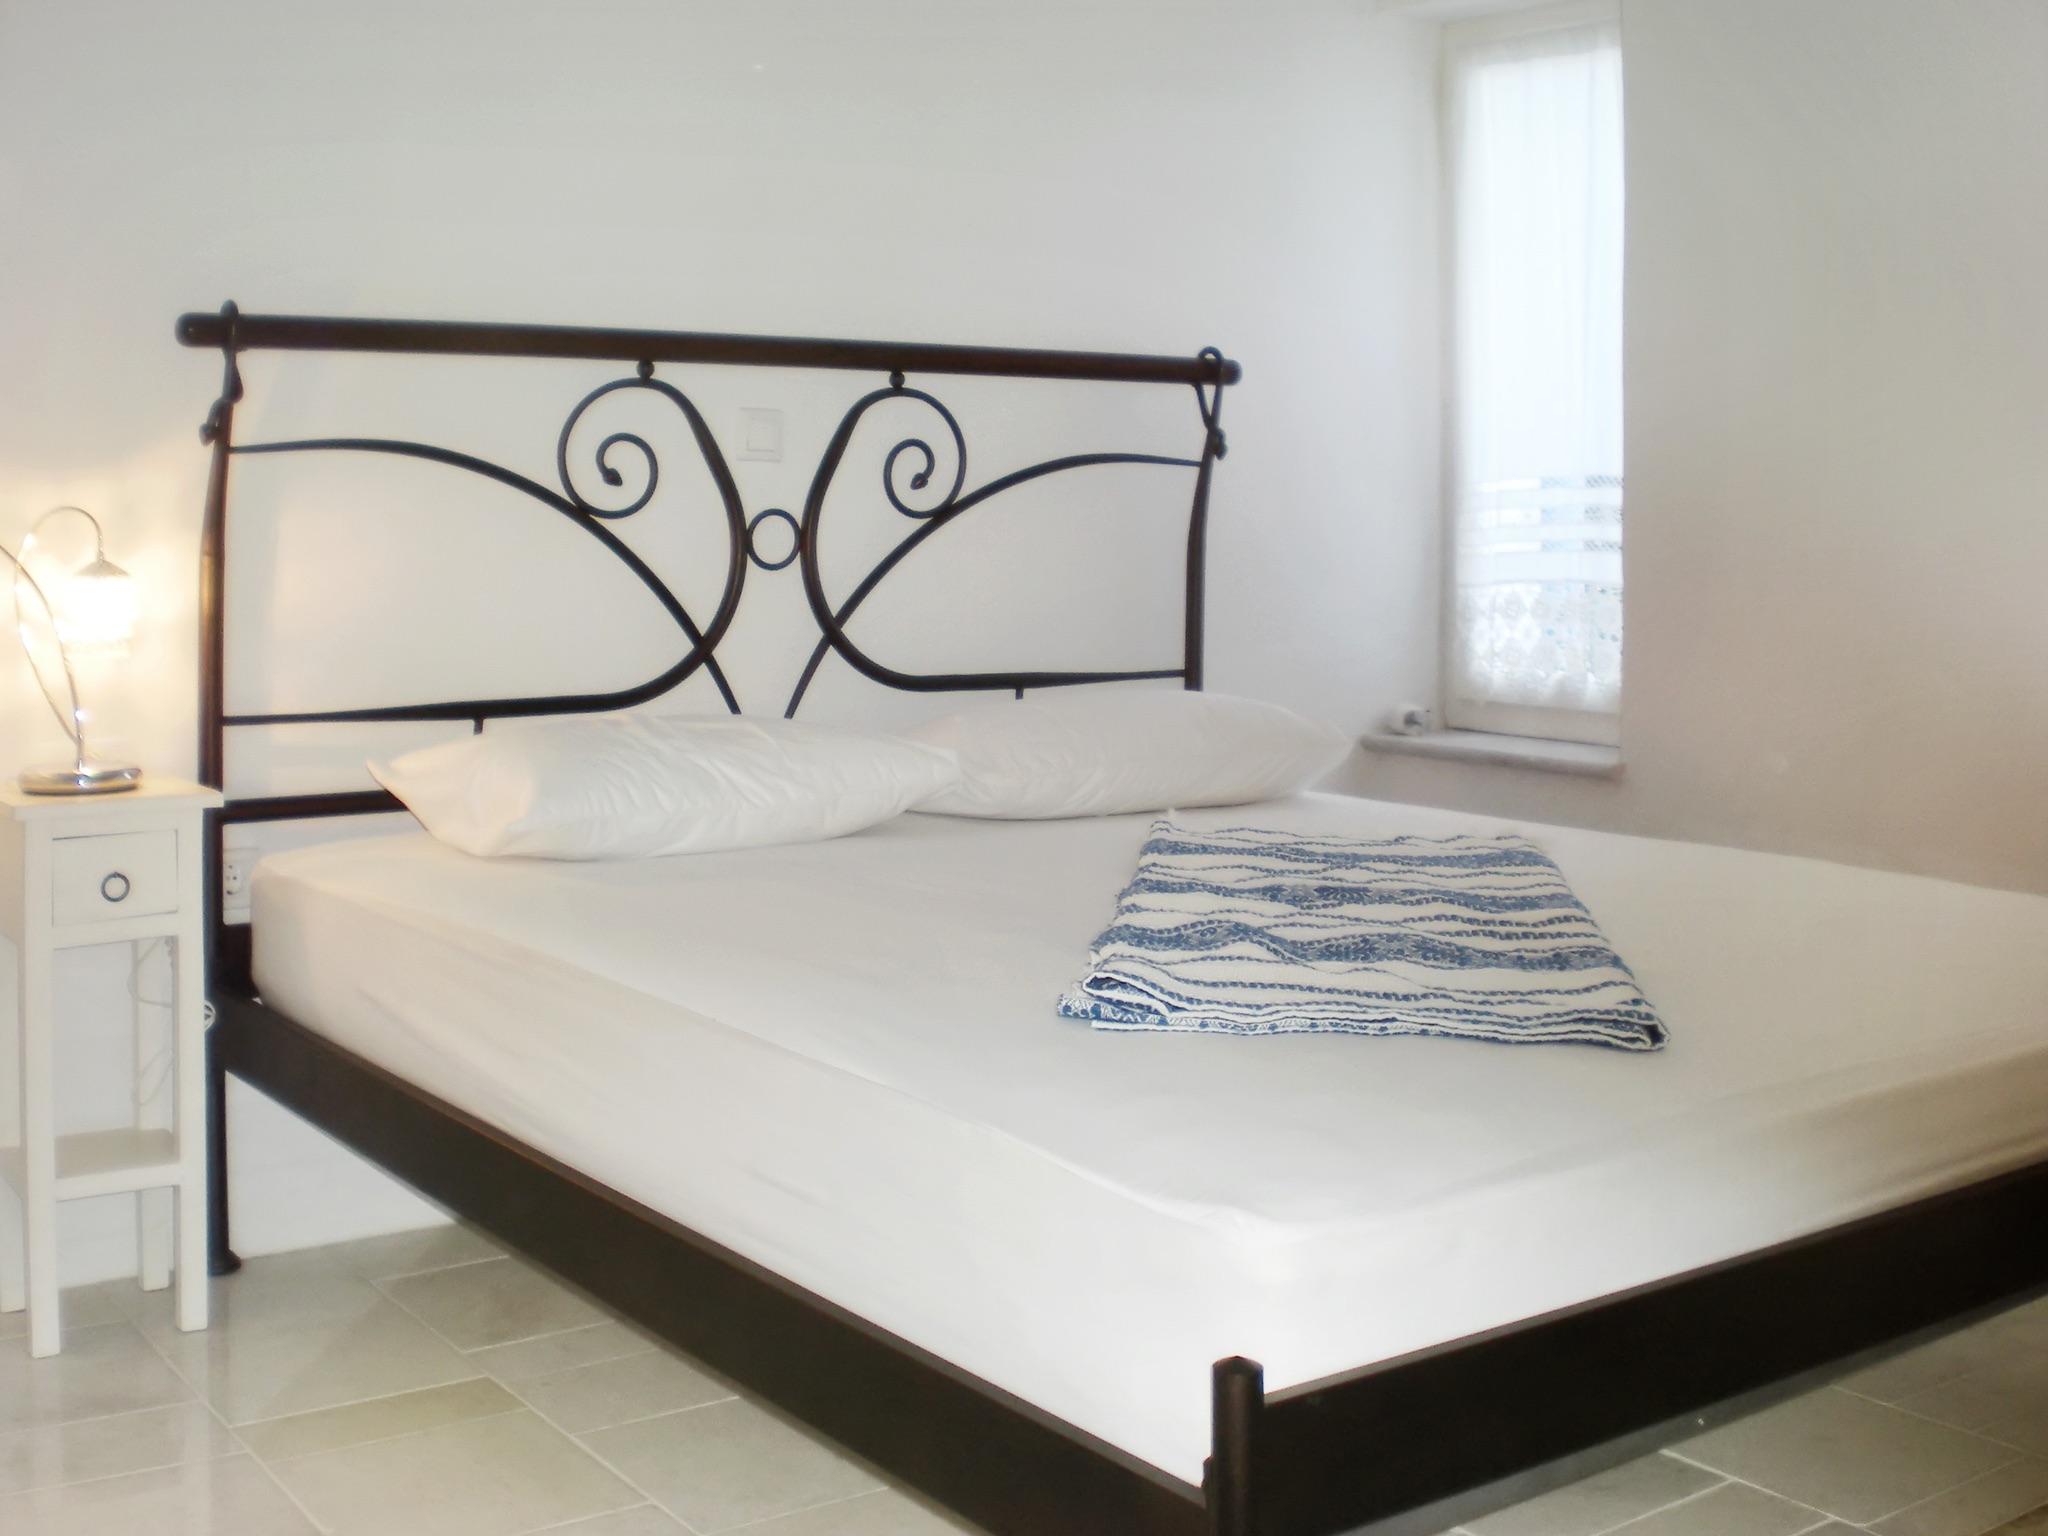 Ferienhaus Villa im Kykladen-Stil auf Paros (Griechenland), mit 2 Schlafzimmern, Gemeinschaftspool &  (2201782), Paros, Paros, Kykladen, Griechenland, Bild 12